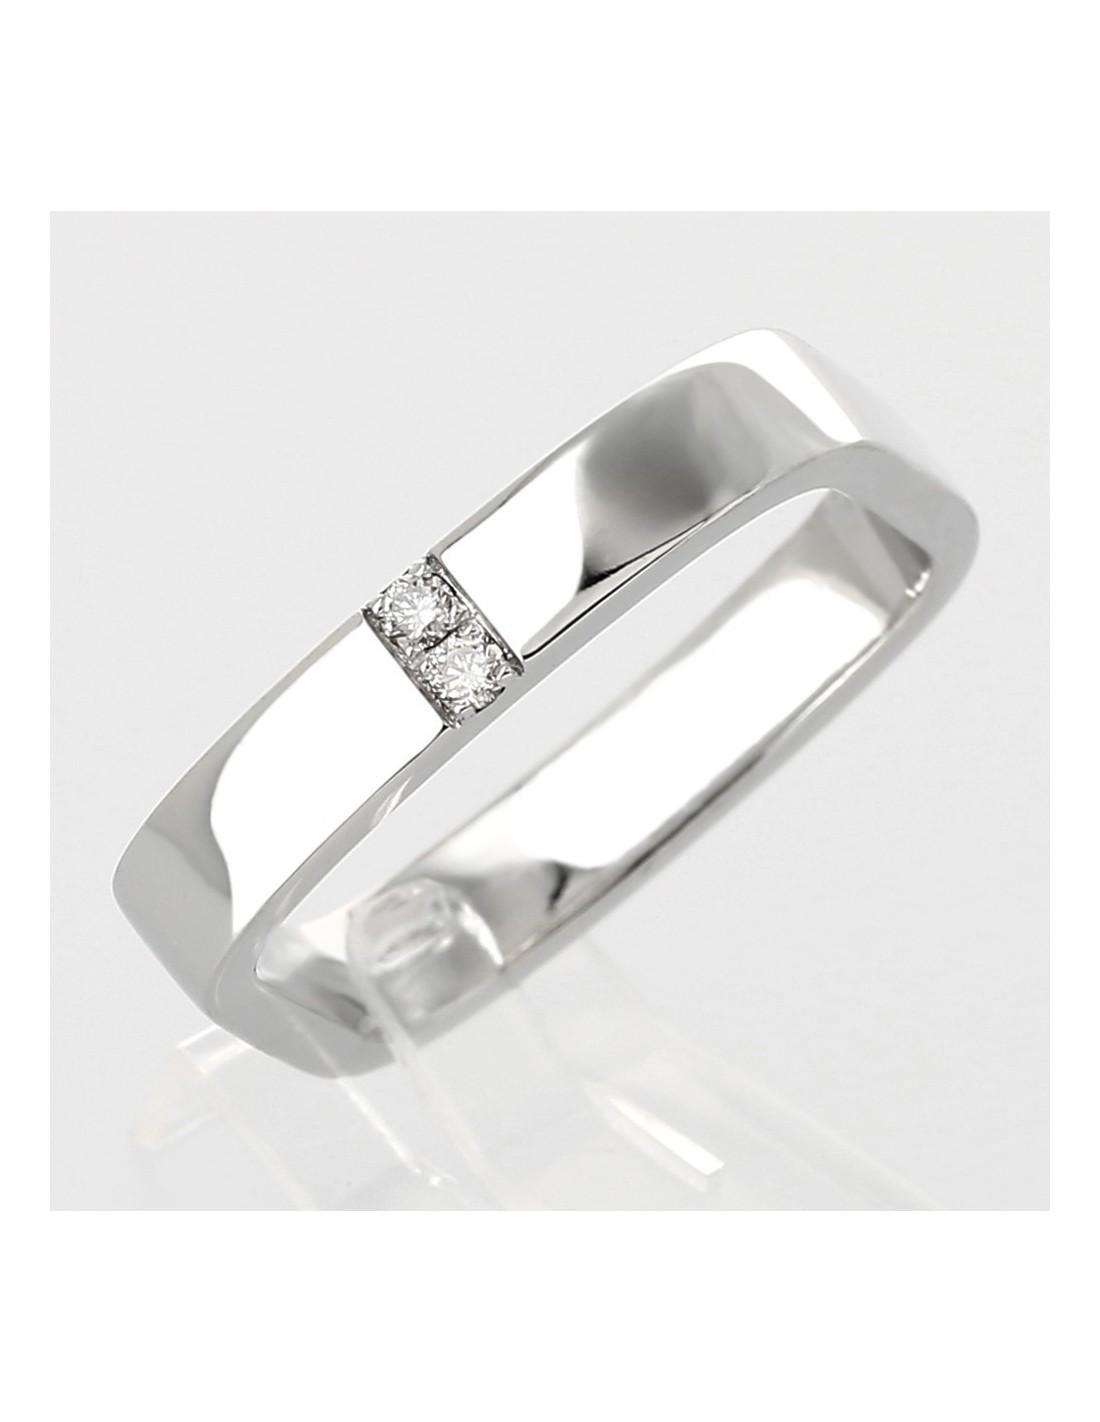 Extrêmement Alliance carrée moderne en or 18 carats diamants 0,07 carat AR51